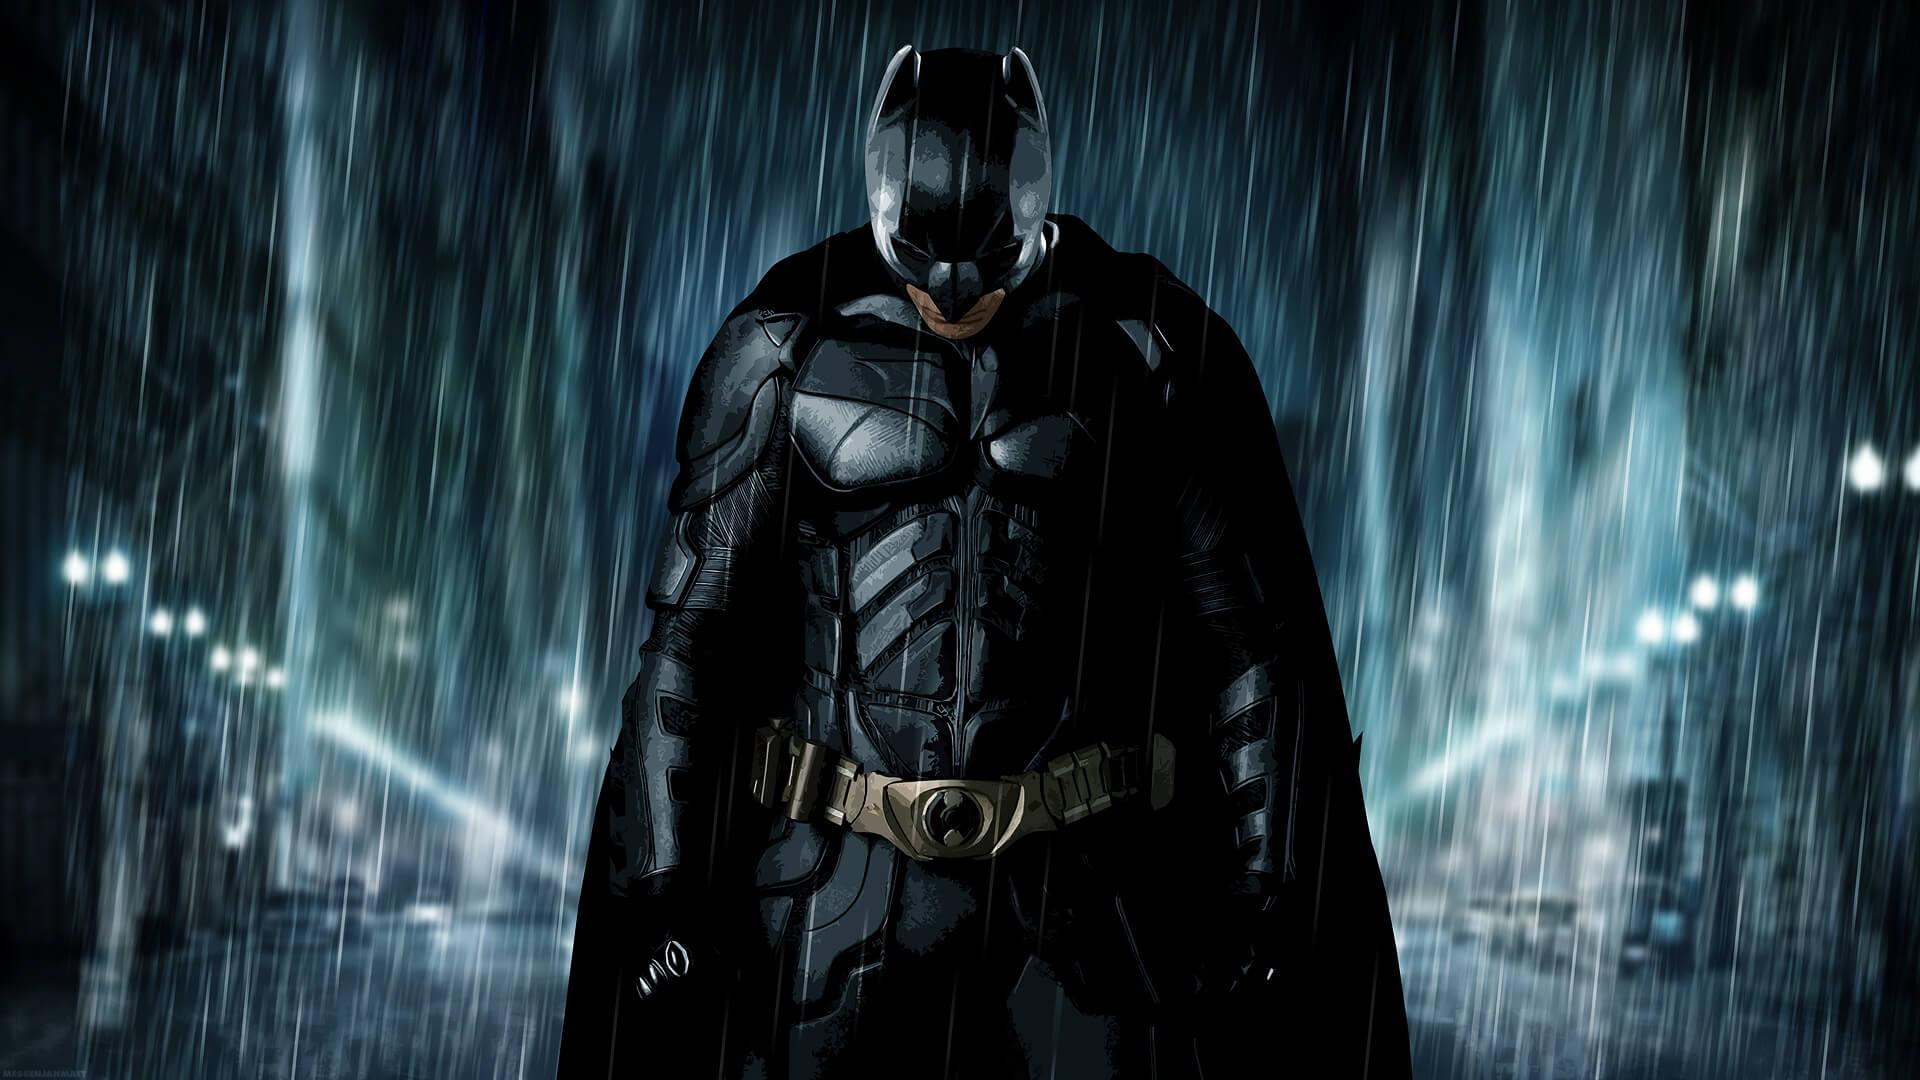 Красивые картинки бэтмен в хорошем качестве 3